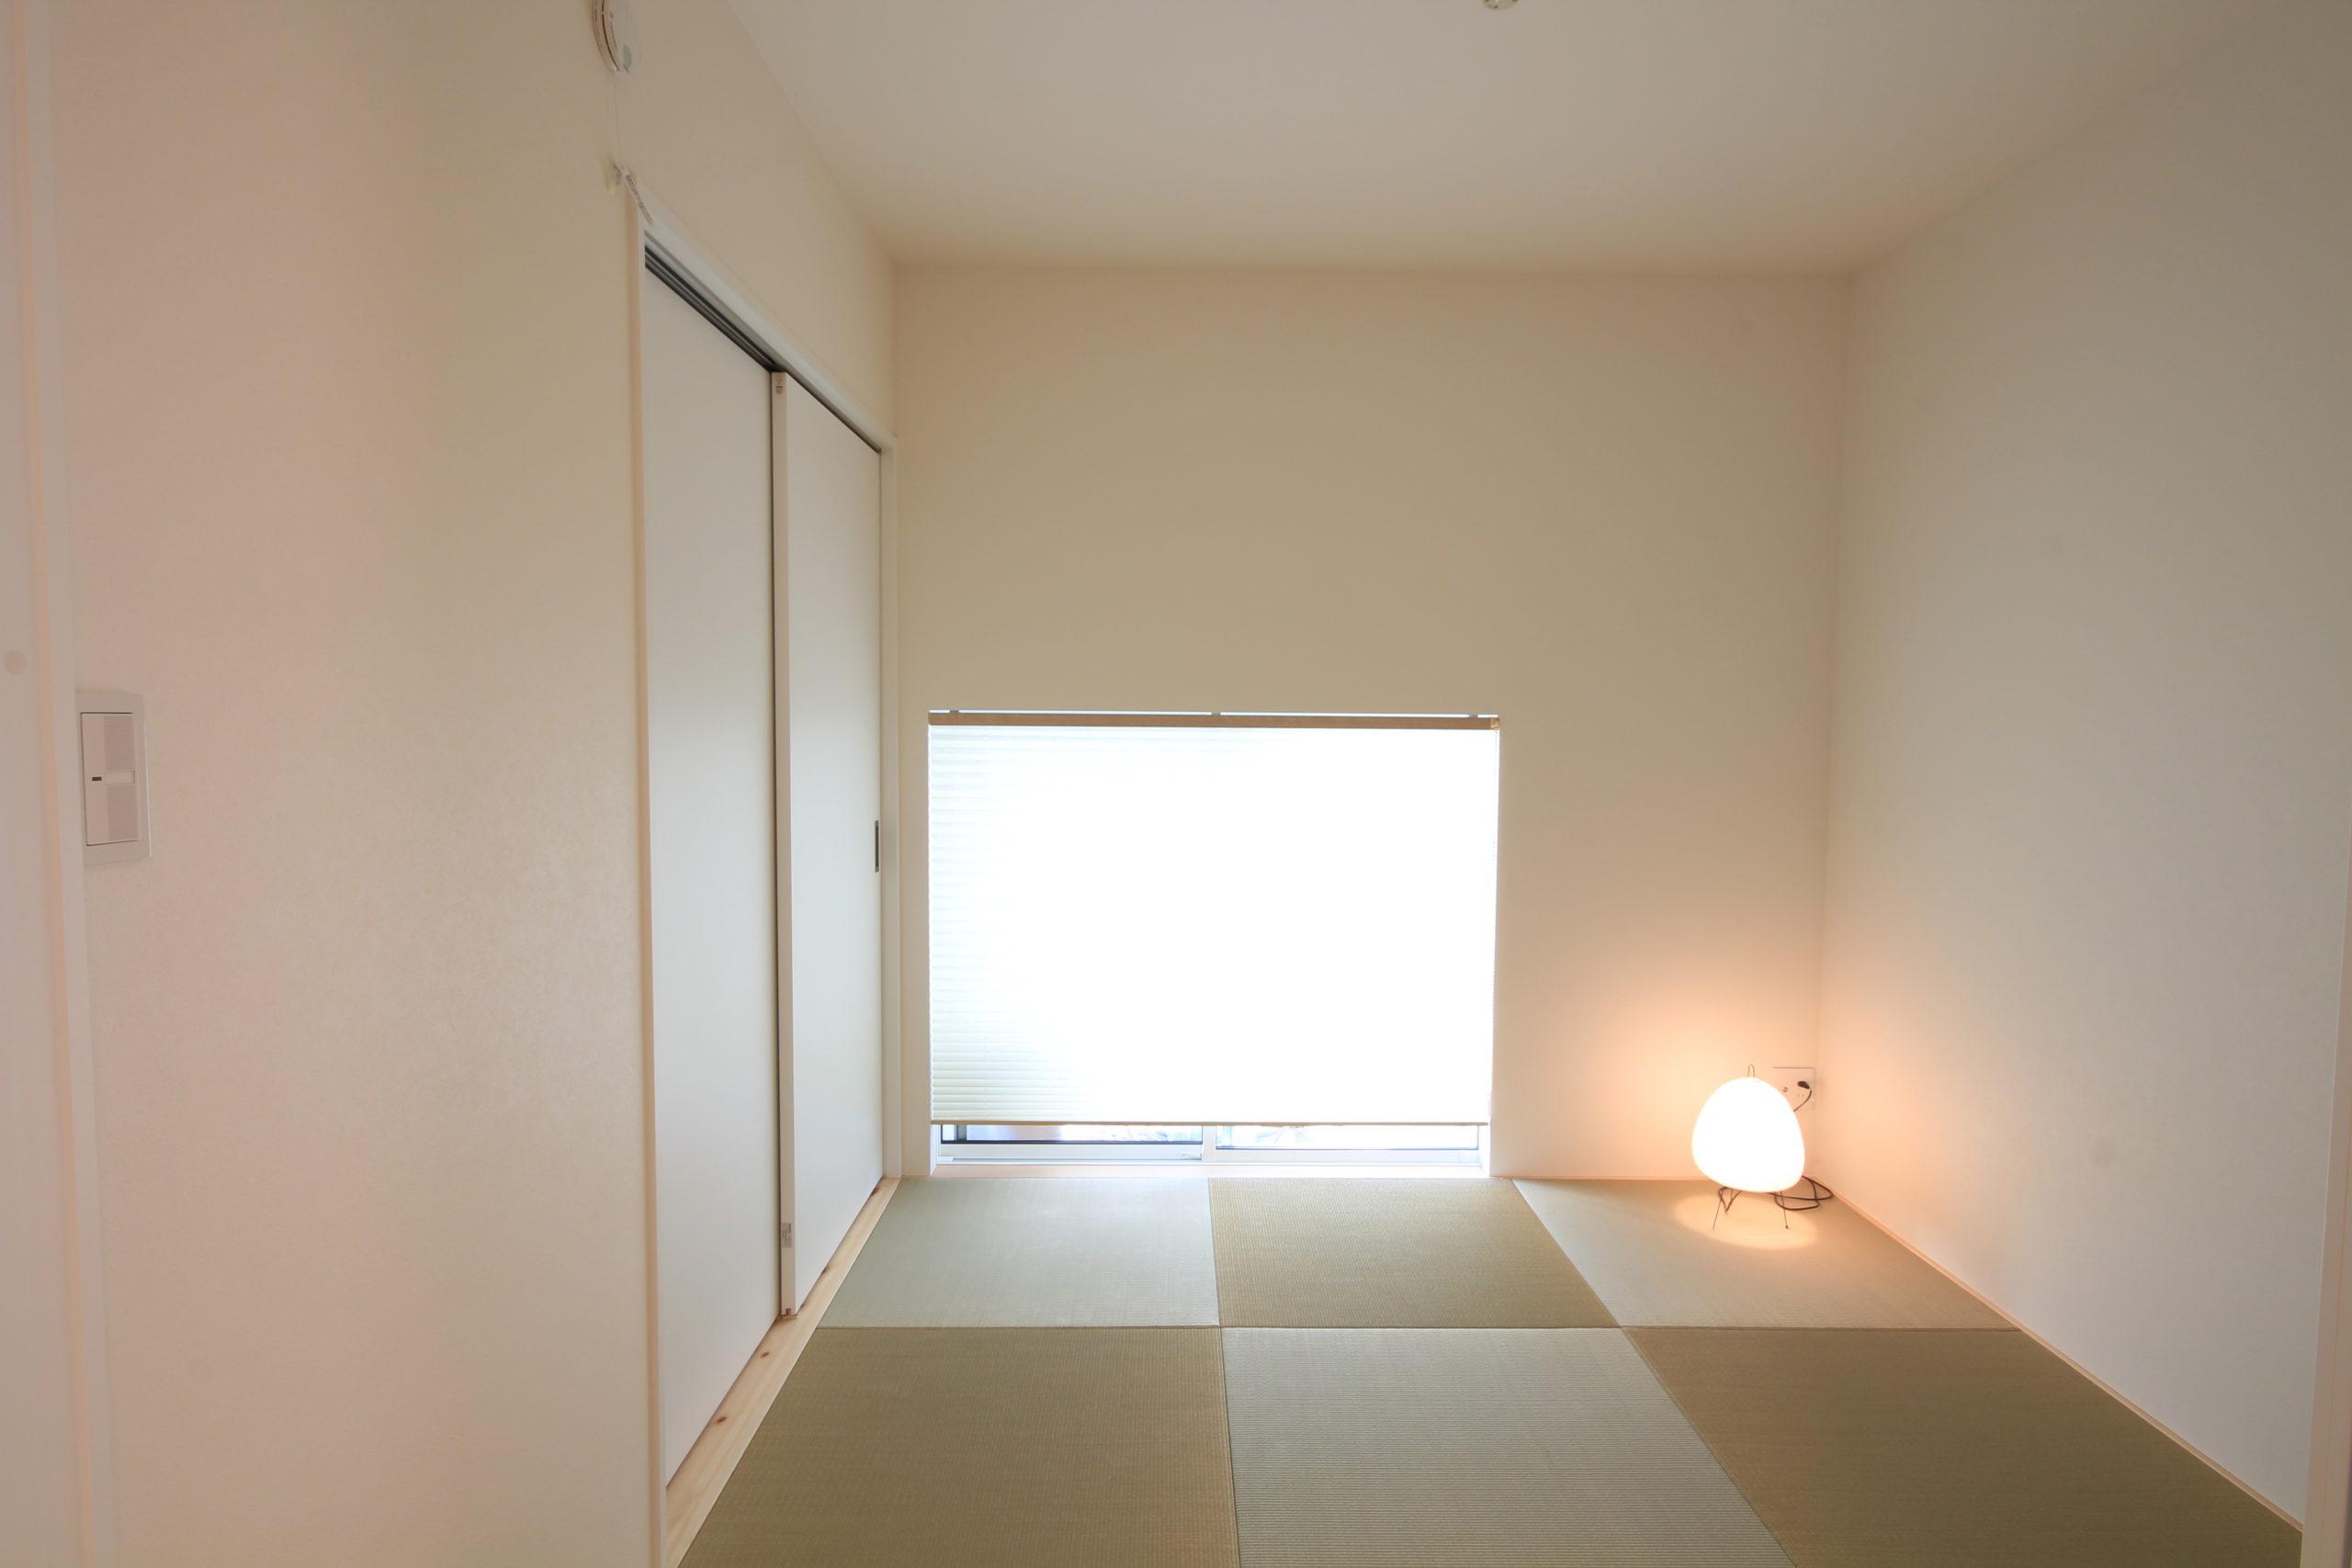 栃木県上三川の耐震住宅施工事例K邸の和室